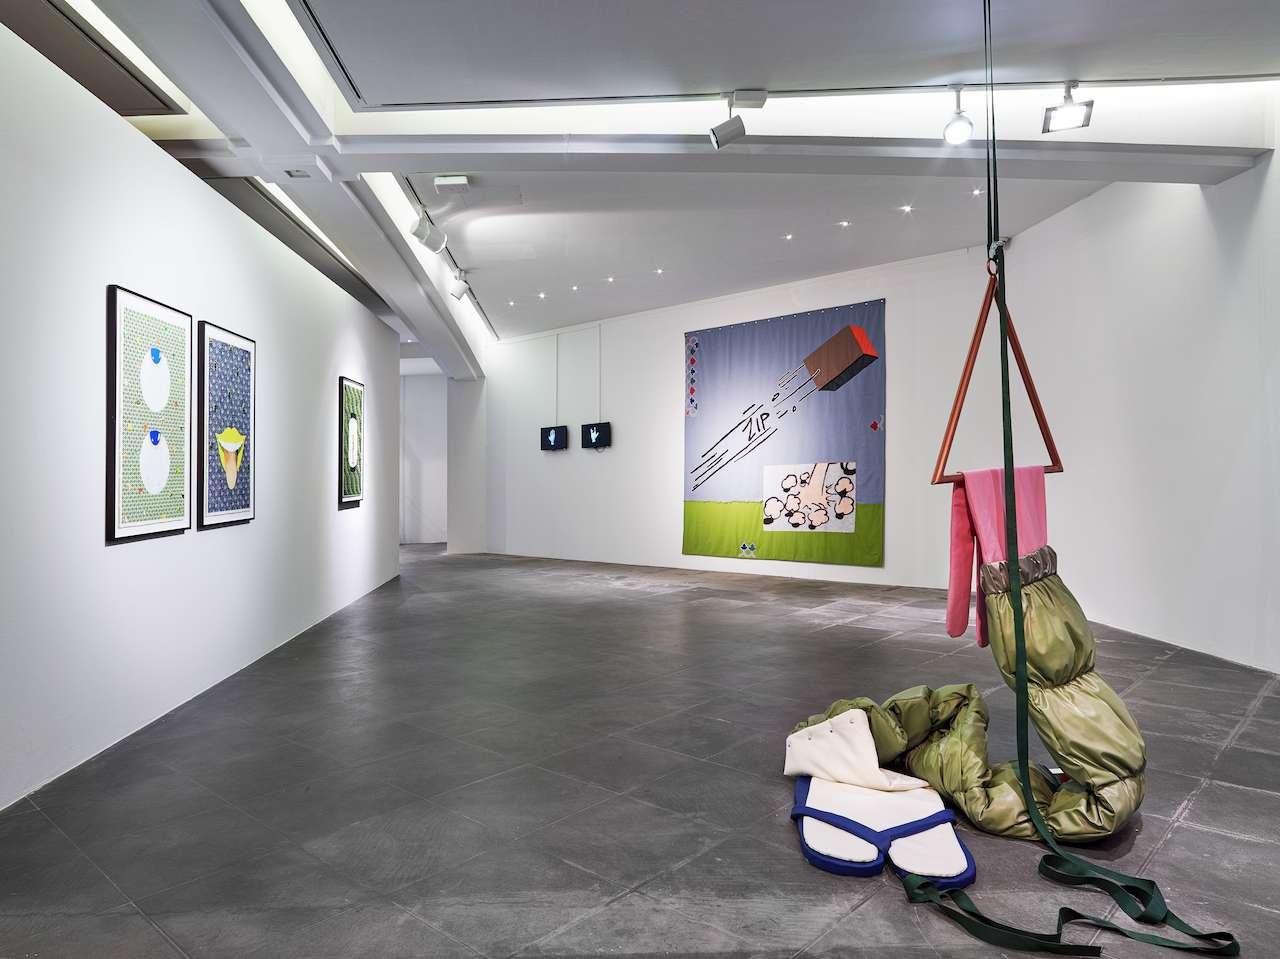 Vue de l'exposition Hippolyte Hentgen. Le Bikini Invisible 16 mai - 10 novembre 2019. MAMAC, Nice © Hippolyte Hentgen, 2019 - Photo: François Fernandez